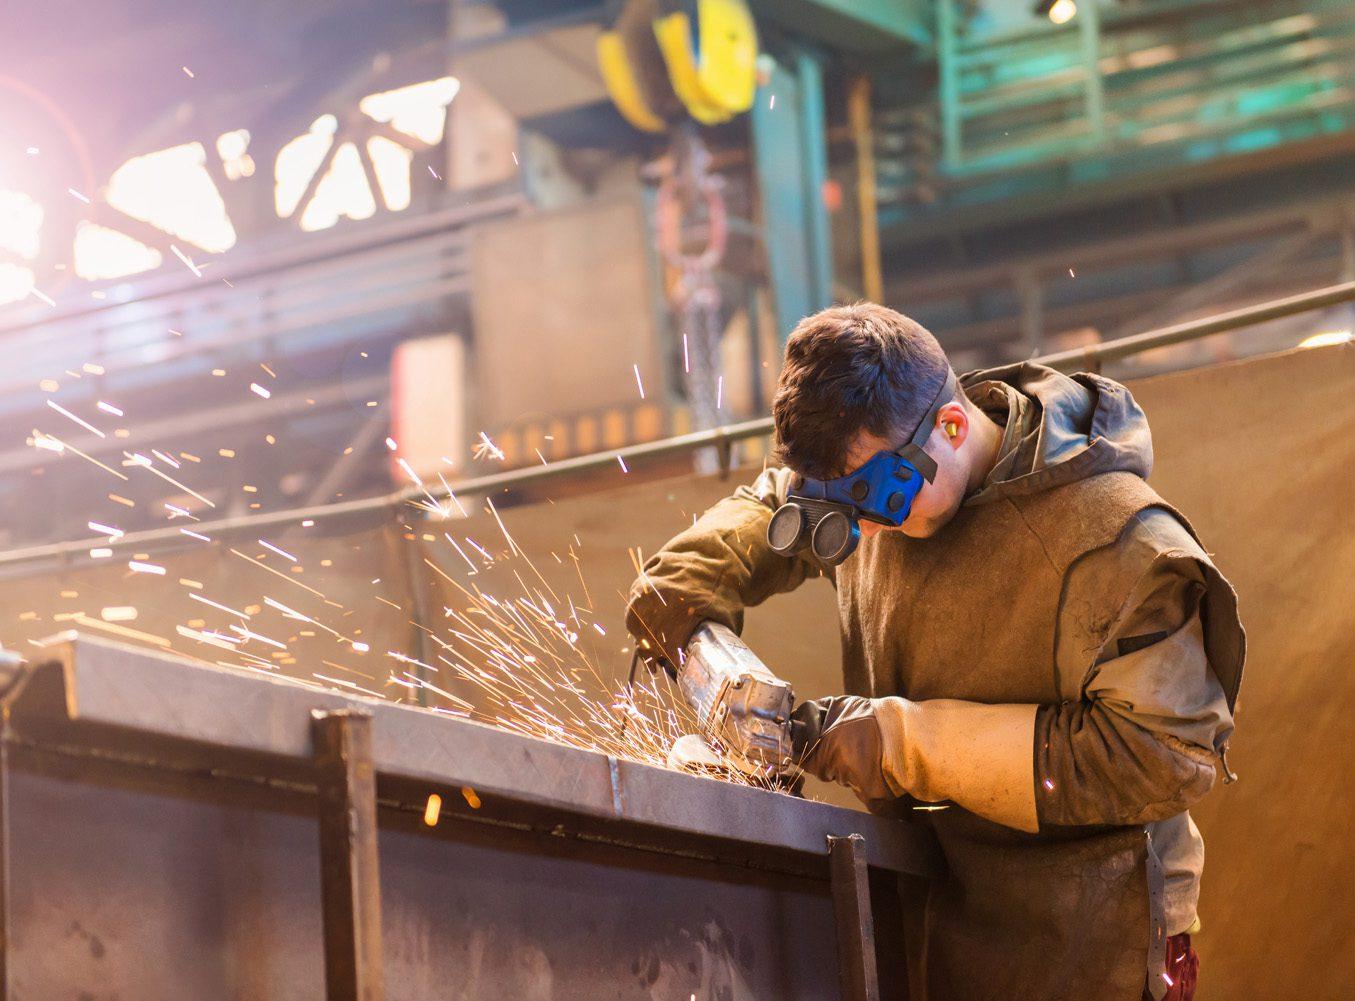 Мы производим кирпич и строим кирпичные заводы...